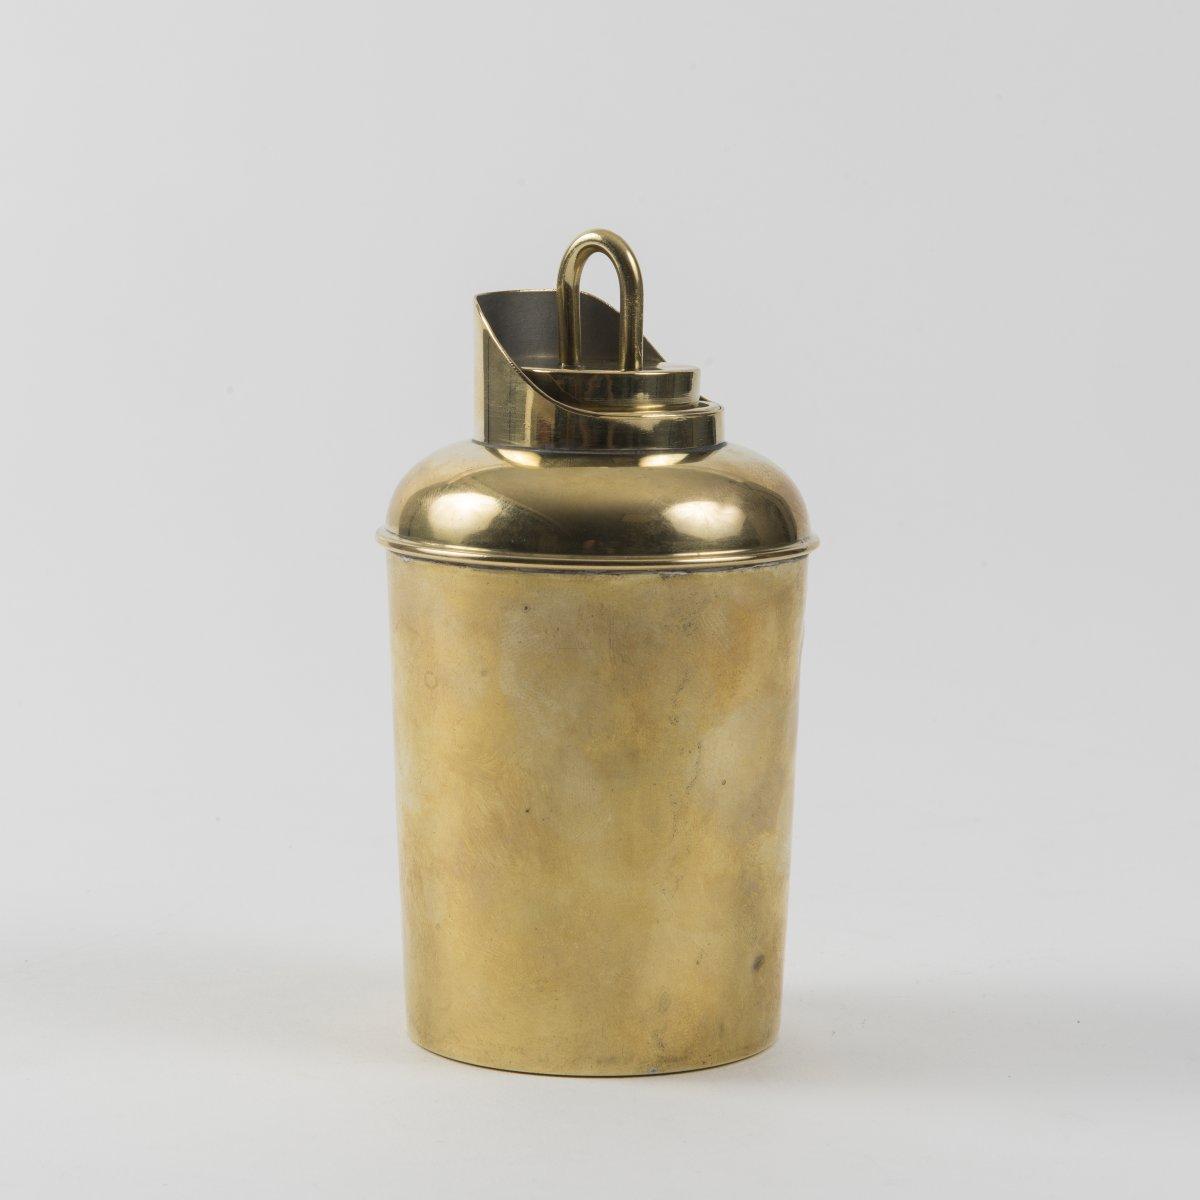 Los 26 - Wilhelm Wagenfeld, Teebüchse, 1927/29Teebüchse, 1927/29H. 13,5 cm, Ø 7,5 cm.Bauhochschule Weimar